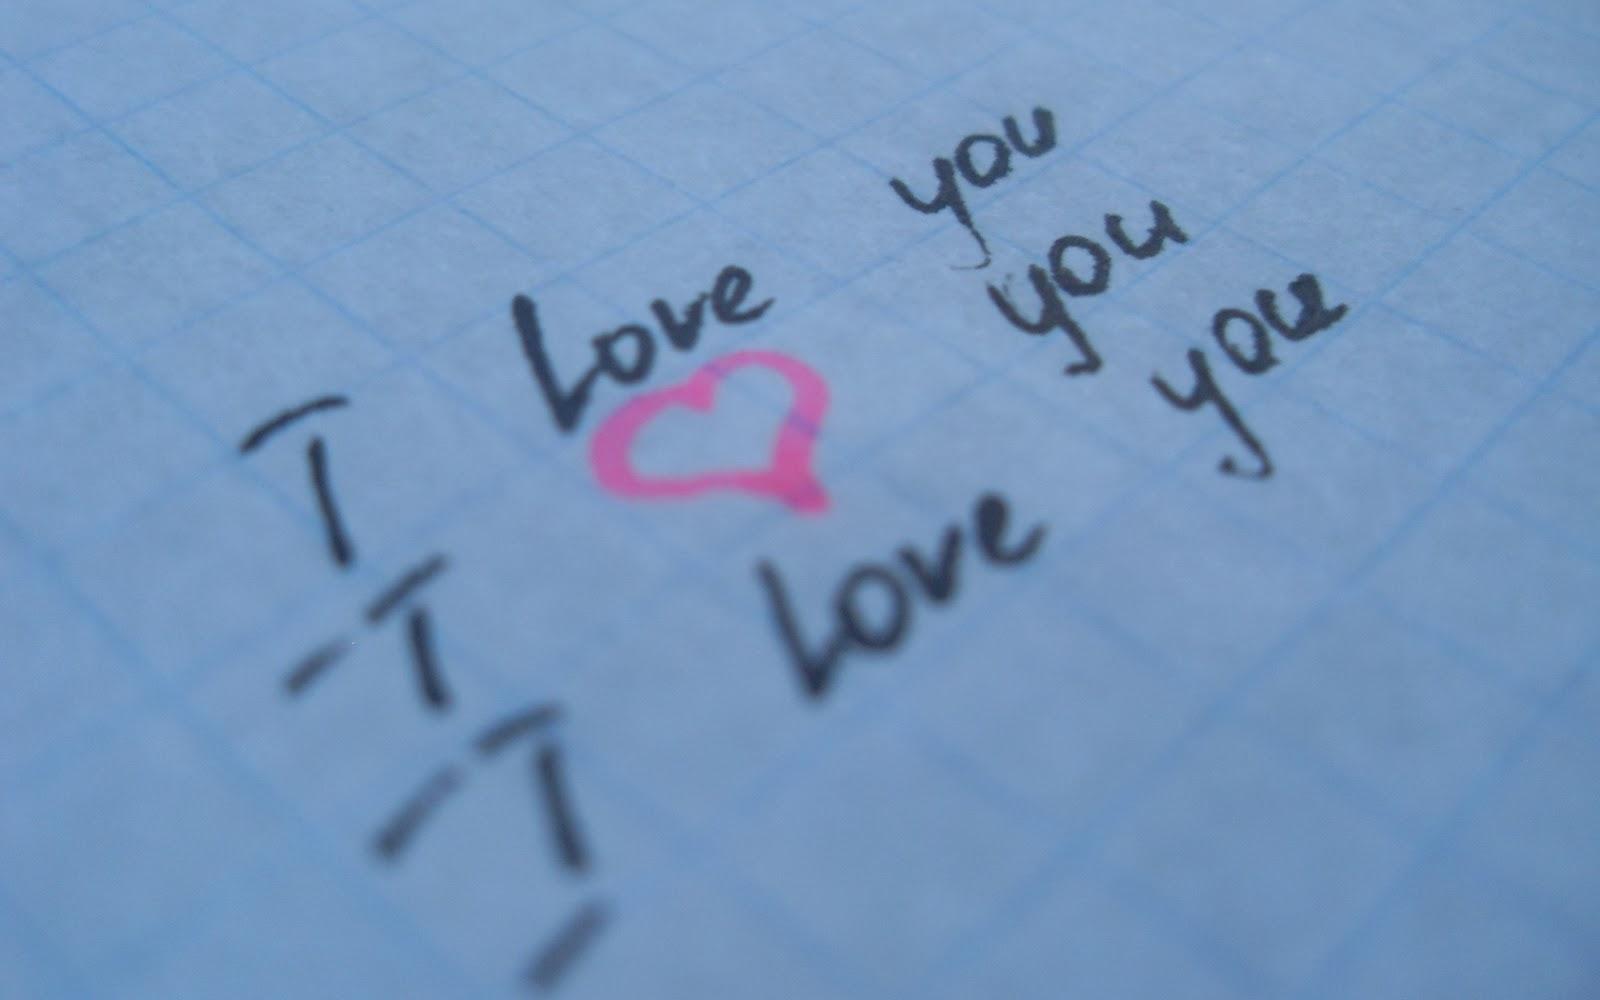 http://3.bp.blogspot.com/-nMmFlAy9gUM/T0pnYEze5AI/AAAAAAAAVVU/eeP8OblikNw/s1600/i-love-you_facebook.jpg